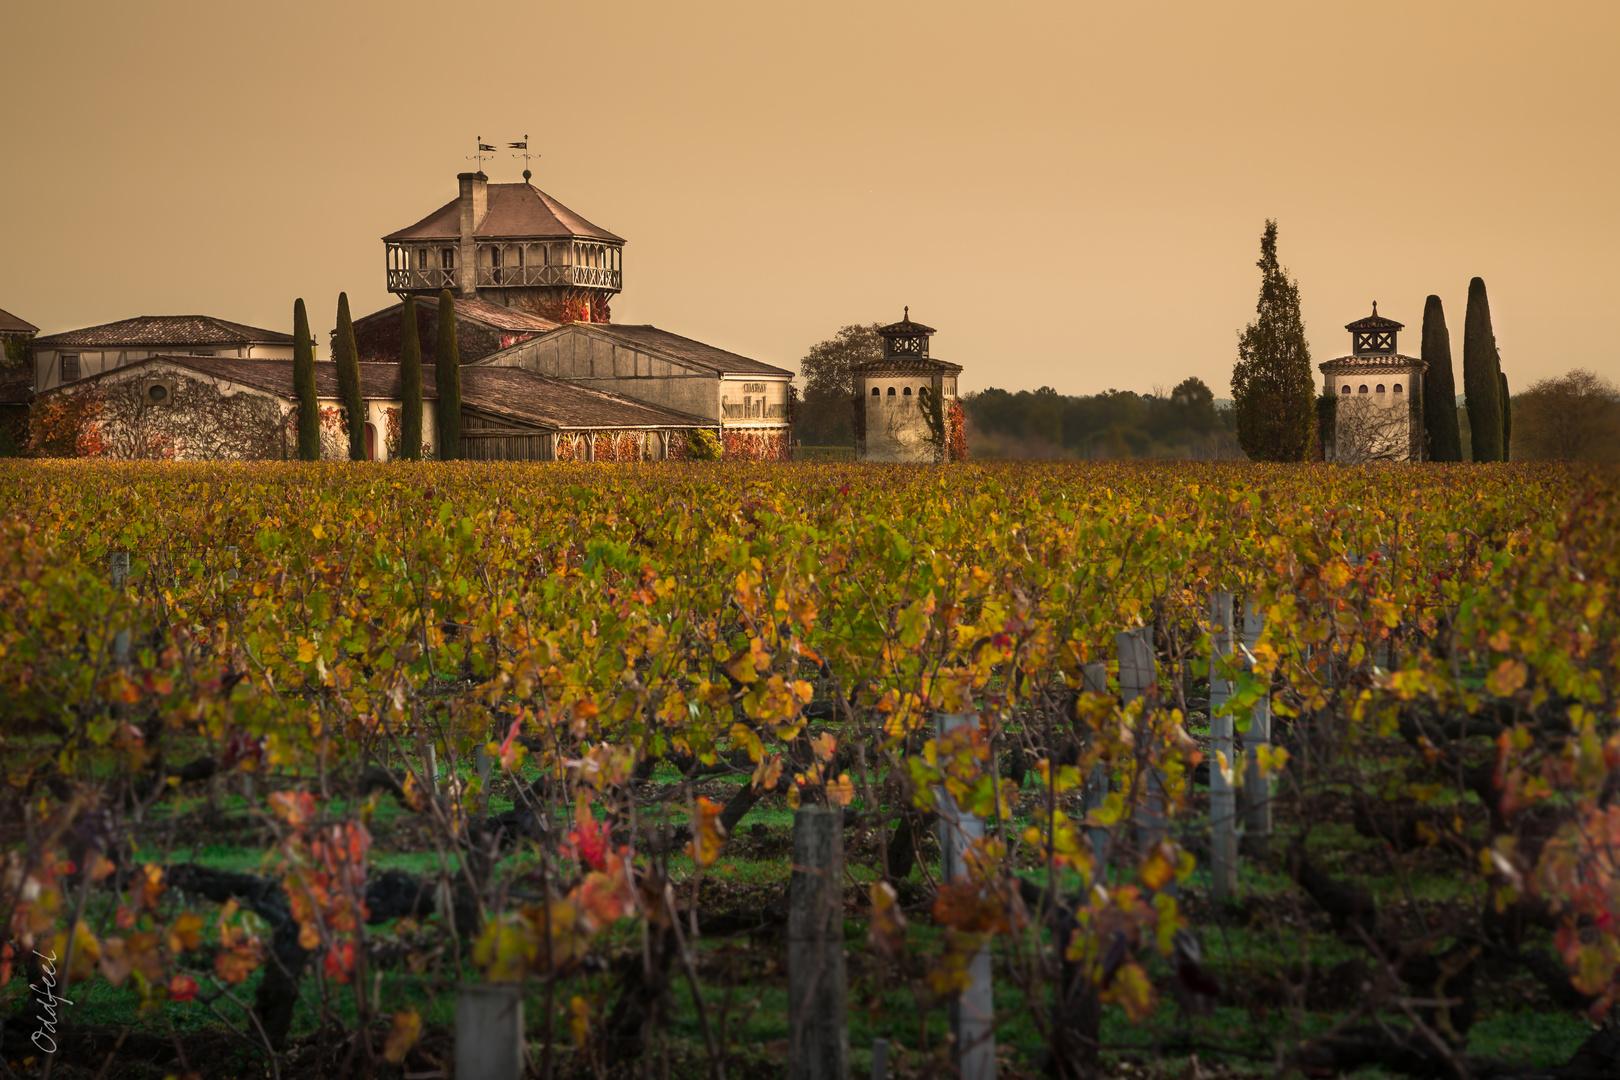 Vineyard & Castel